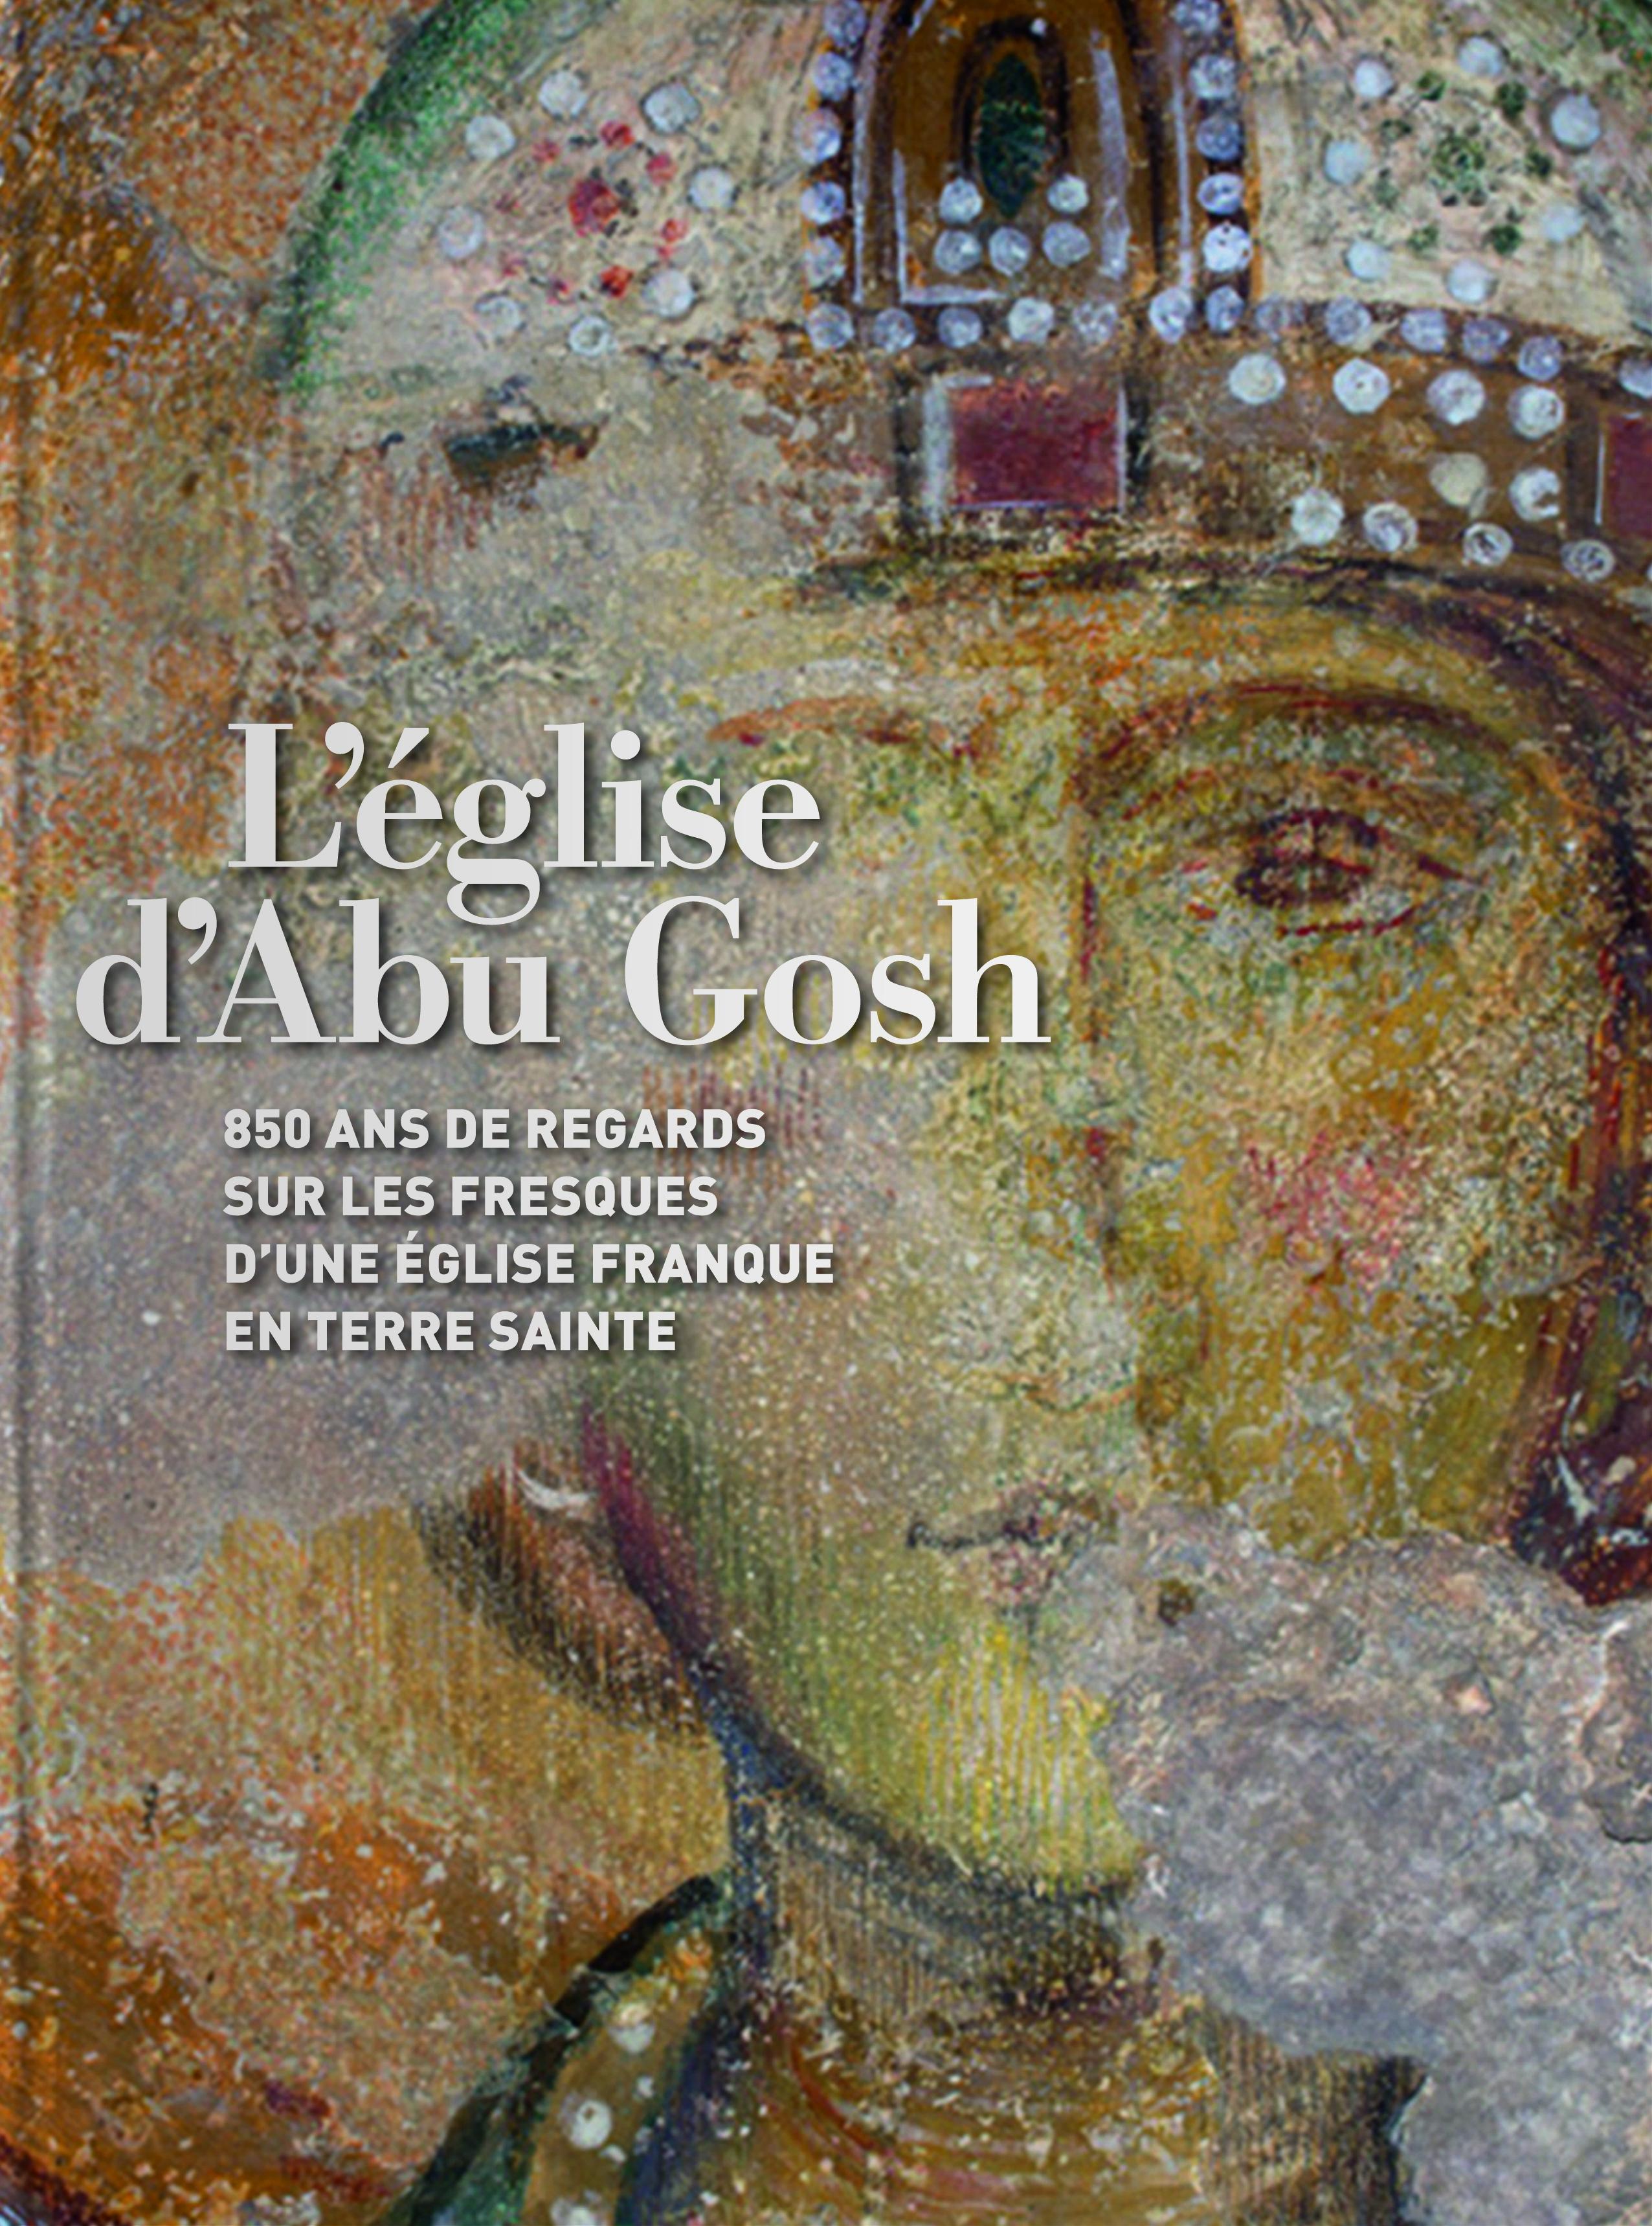 L EGLISE D ABU GOSH 850 ANS DE REGARDS SUR LES FRESQUES D UNE EGLISE FRANQUE EN TERRE SAINTE